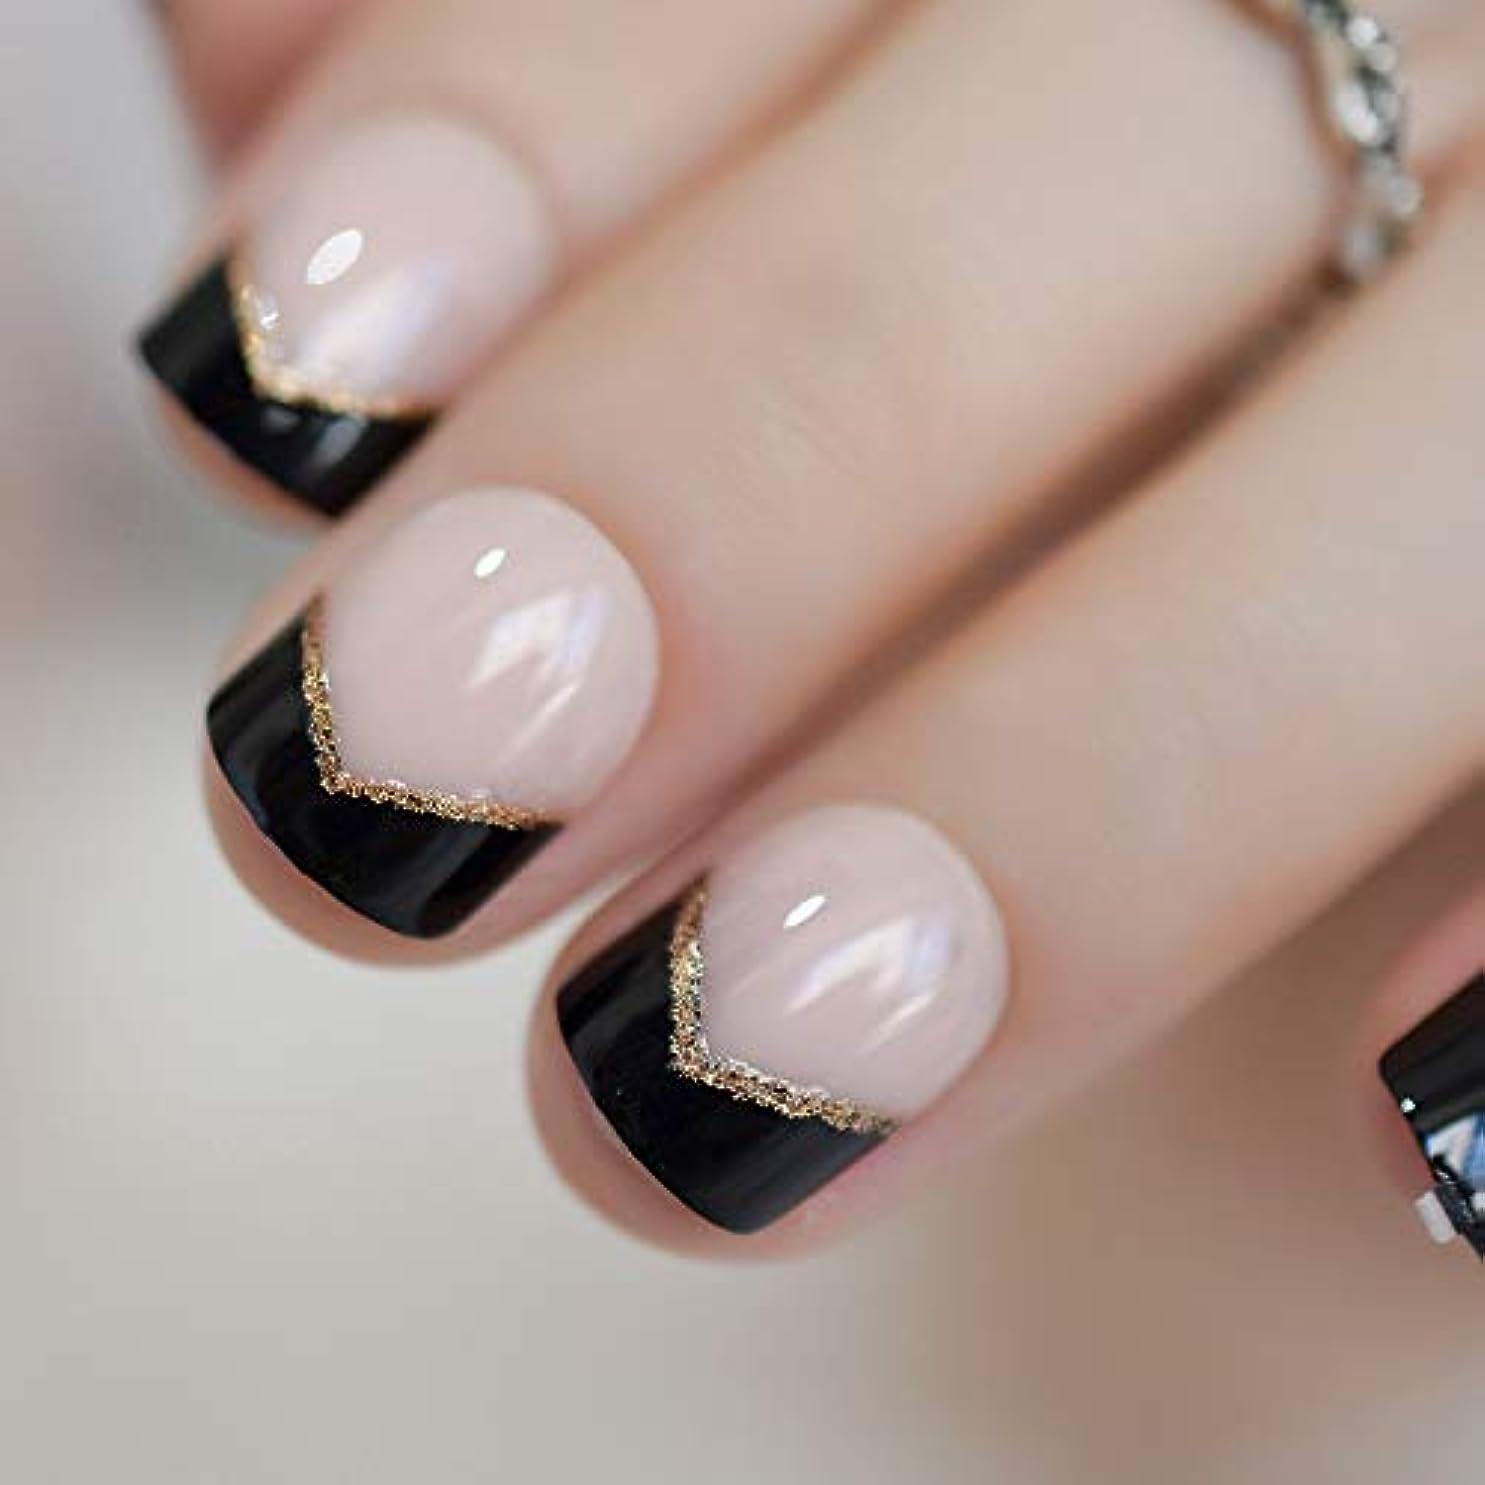 強制アリーナ無能XUTXZKA 短い爪黒のヒントゴールドグリッターアングル装飾された女性のための自然な偽の爪